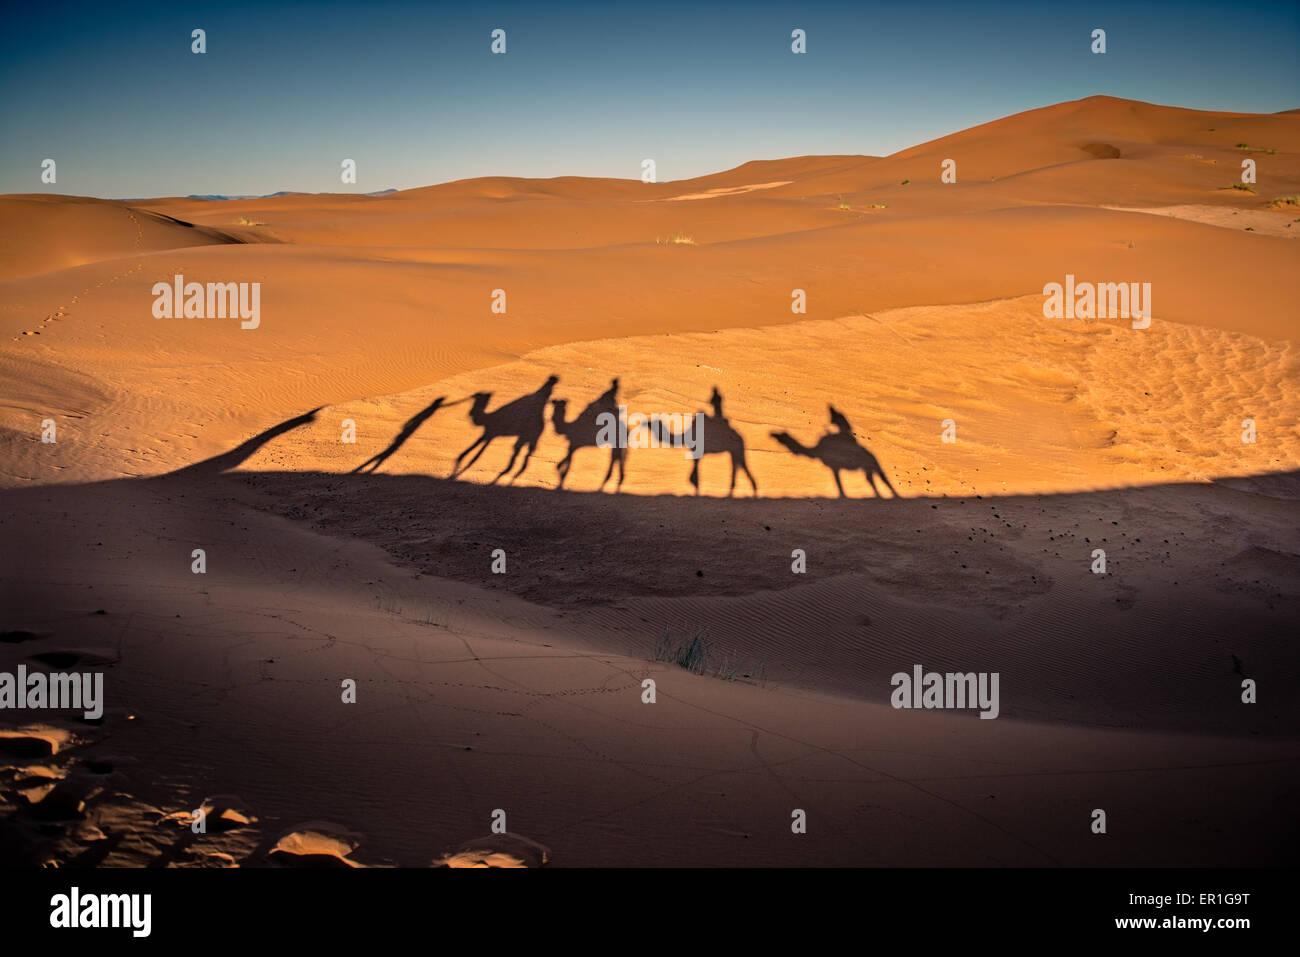 Largas sombras de caravana de camellos caminando en el desierto del Sáhara, al sur de Marruecos Imagen De Stock